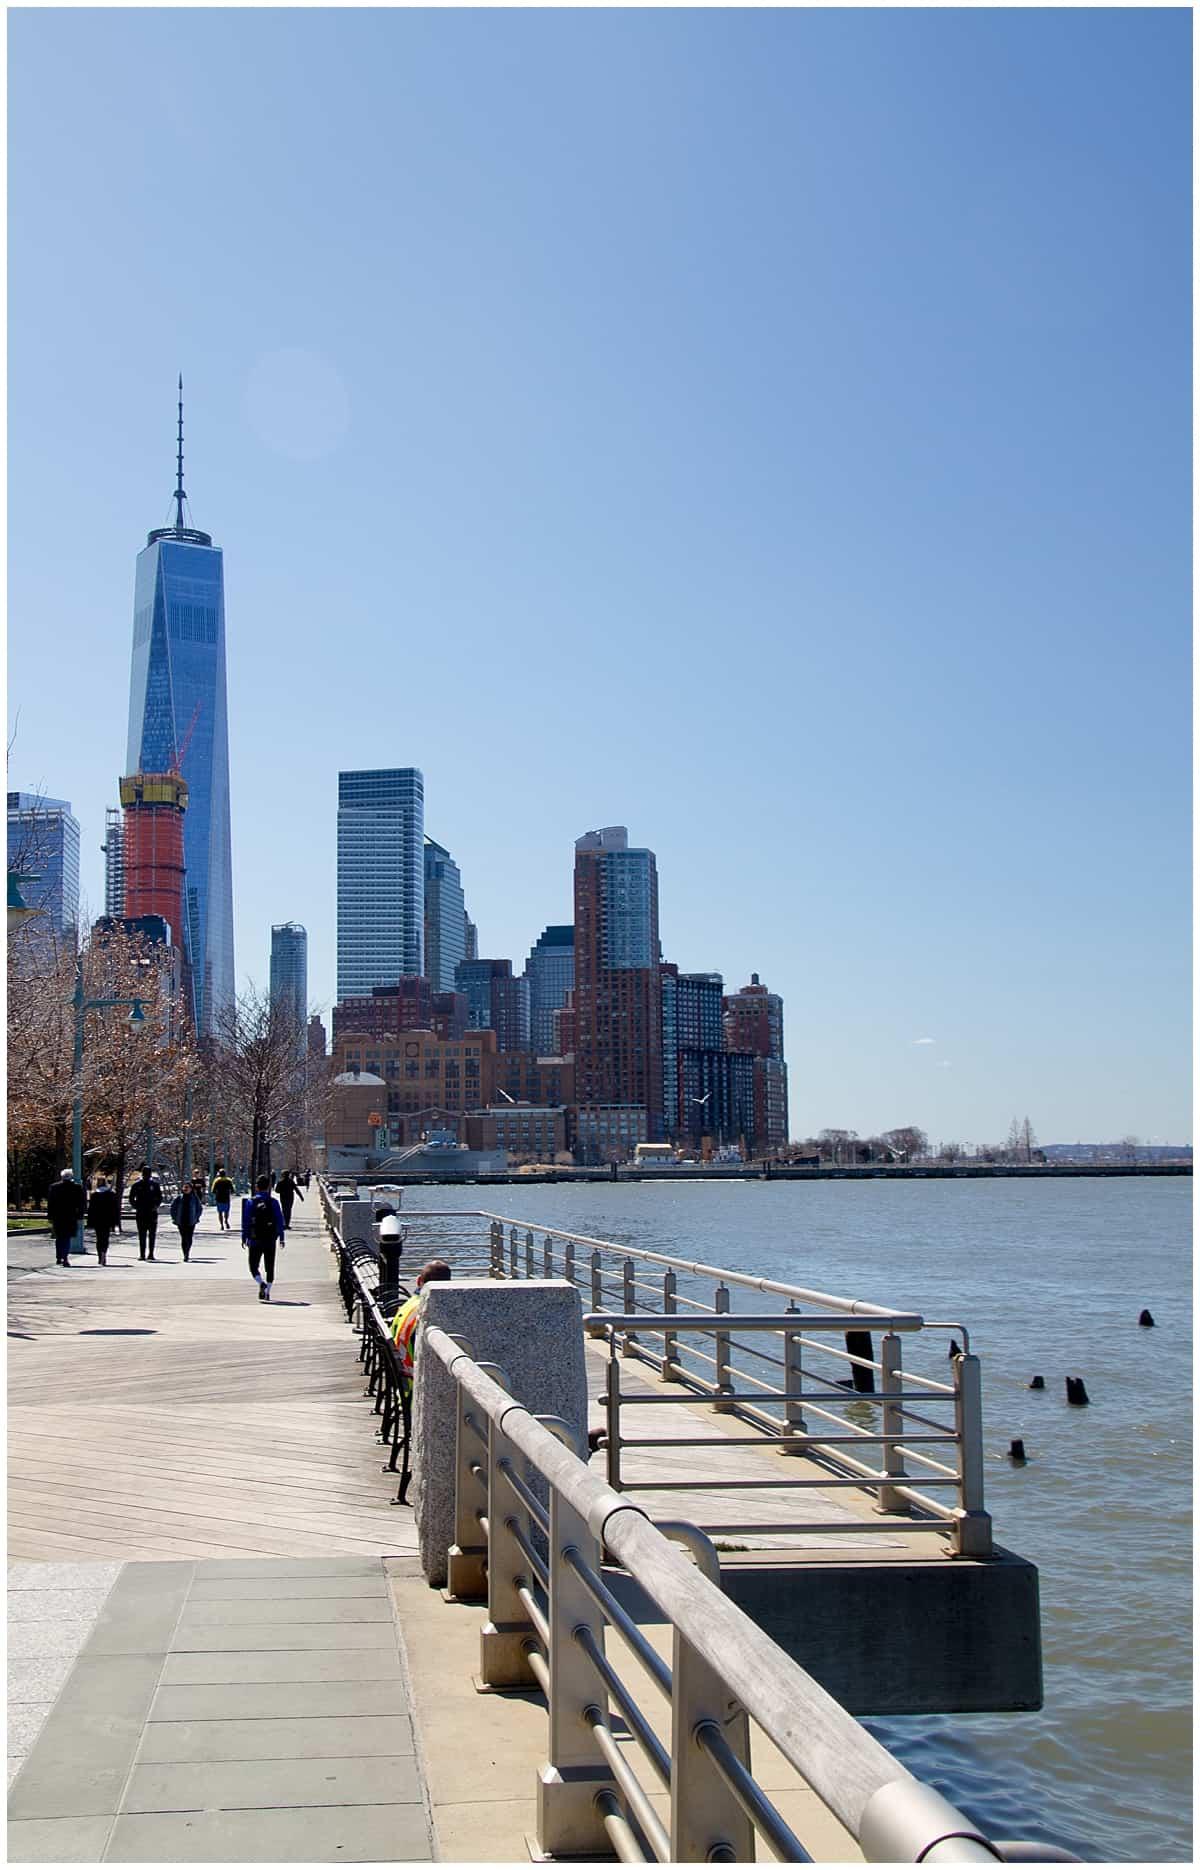 NY Hudson River Park